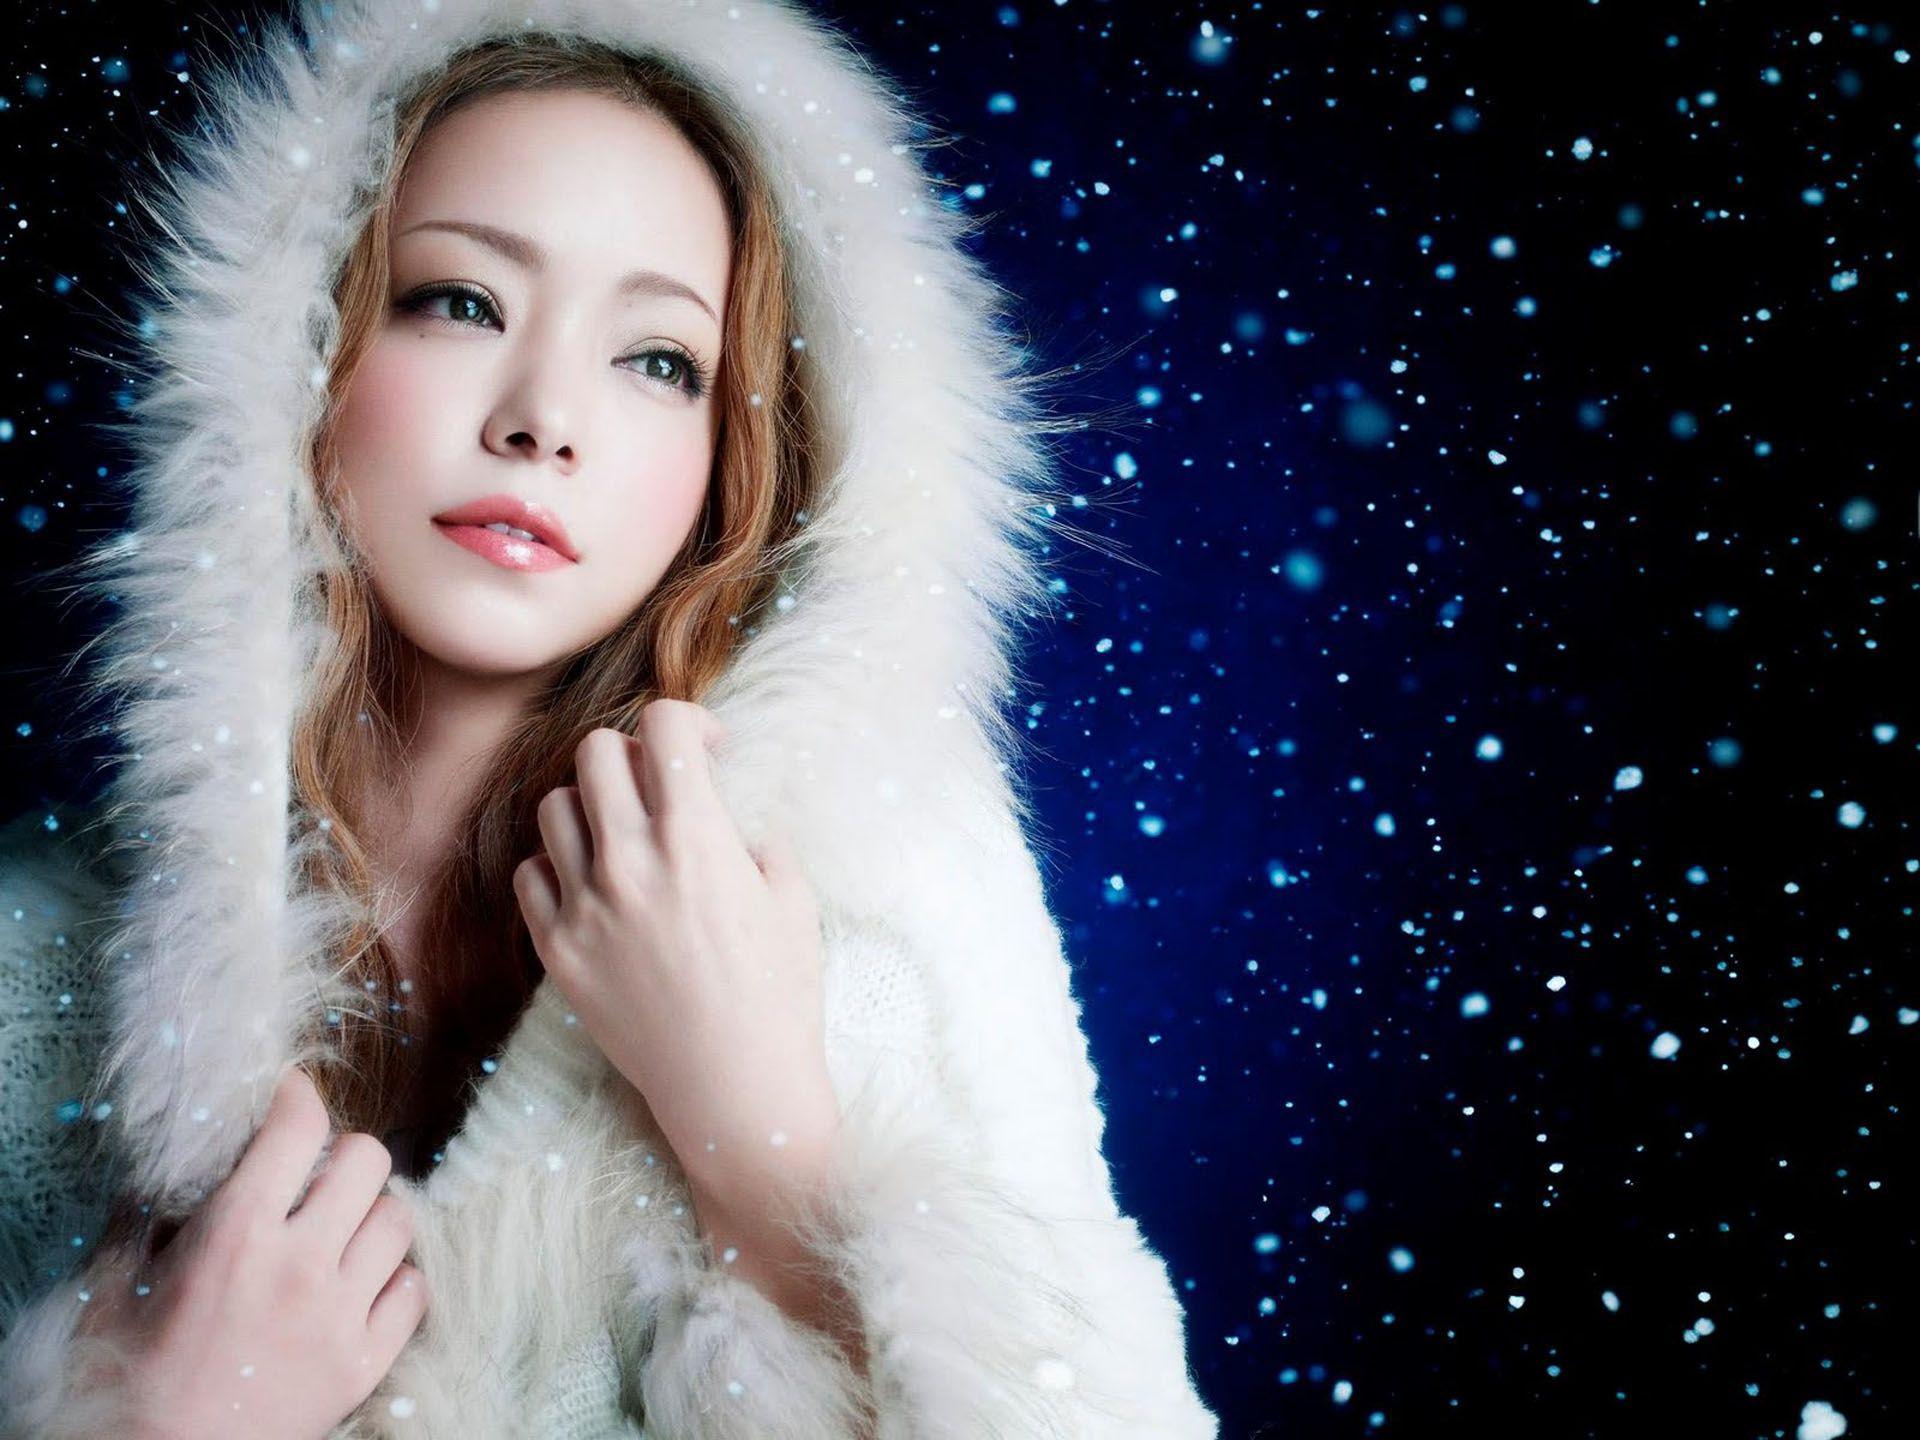 安室奈美恵になりたいっ!おすすめメイク方法&メイク道具はこれ!のサムネイル画像